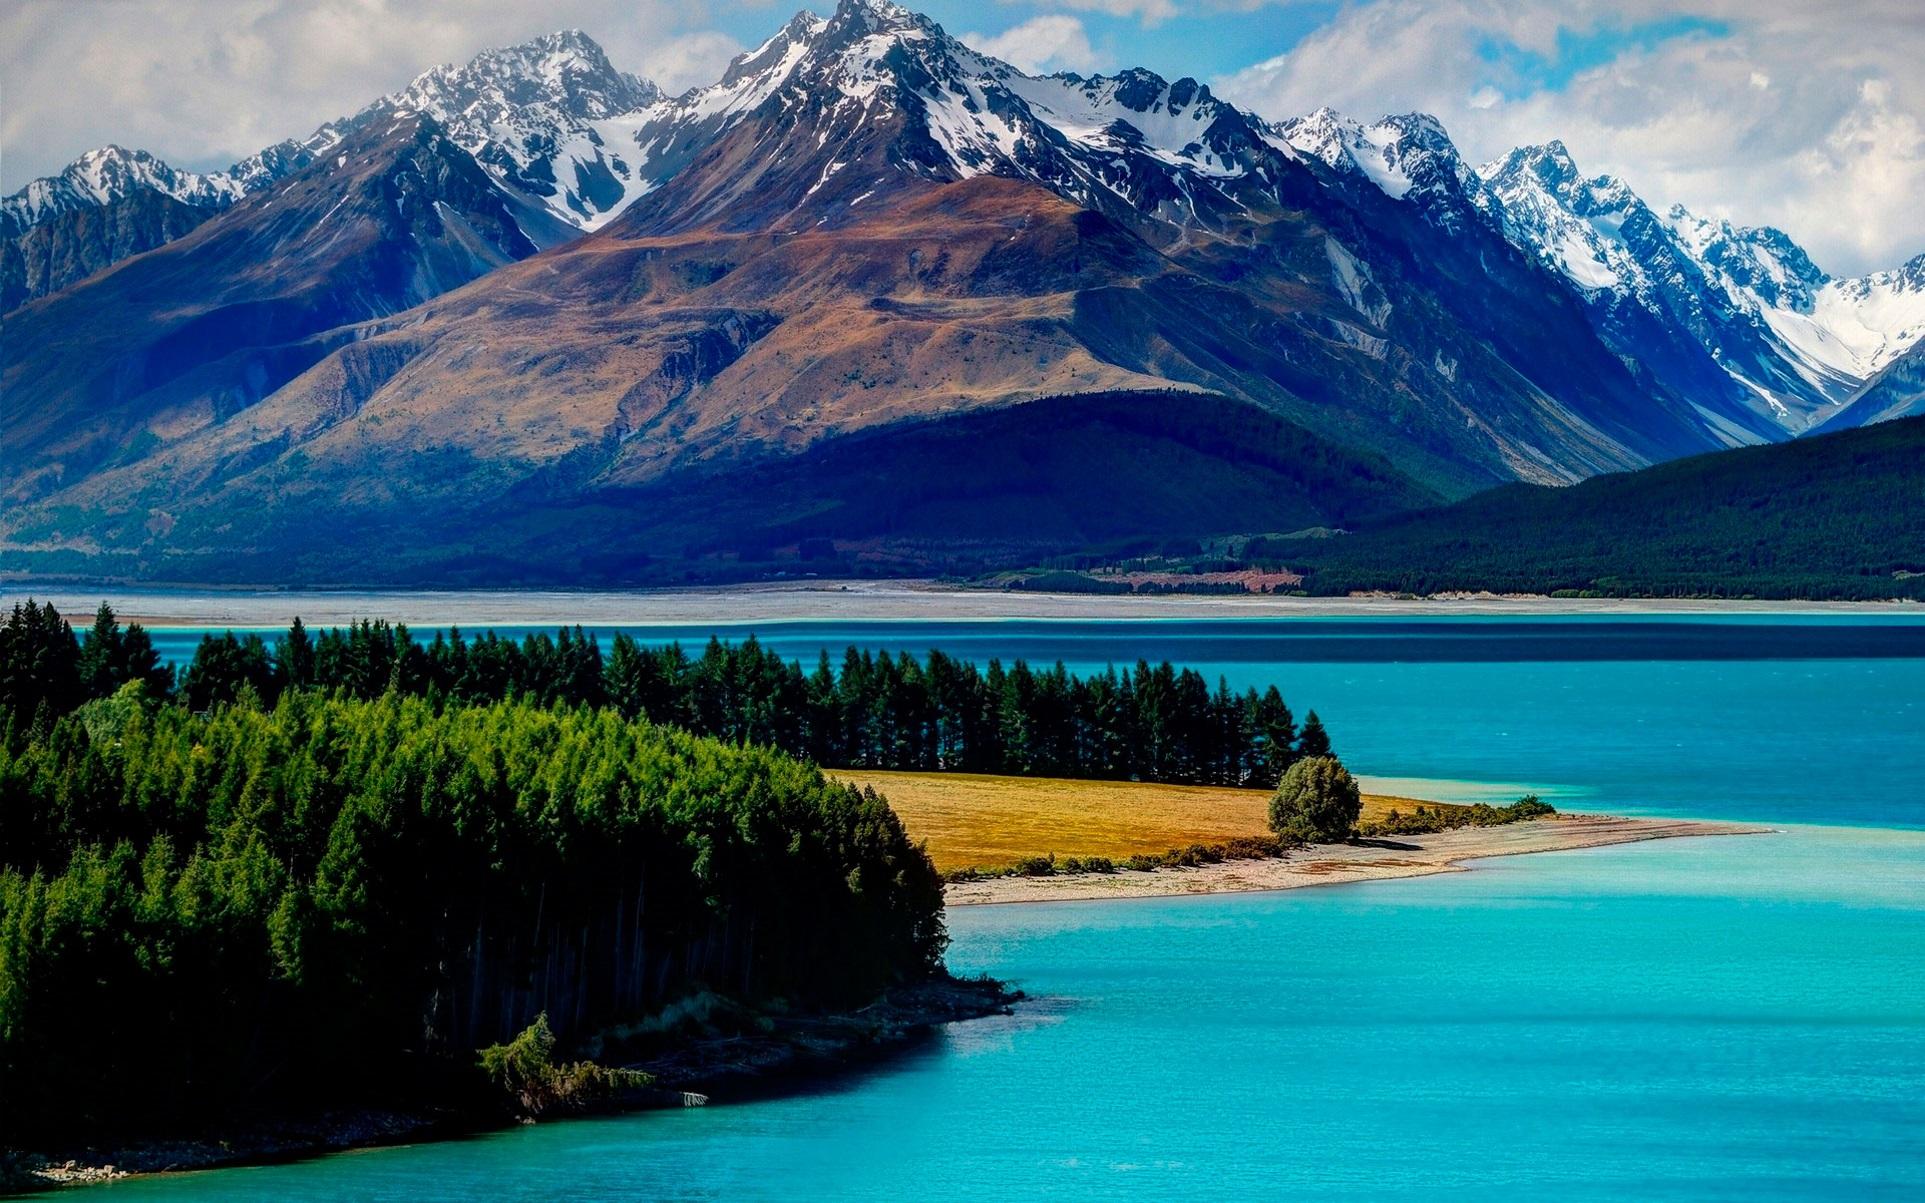 Как российскому туристу получить визу в Новую Зеландию